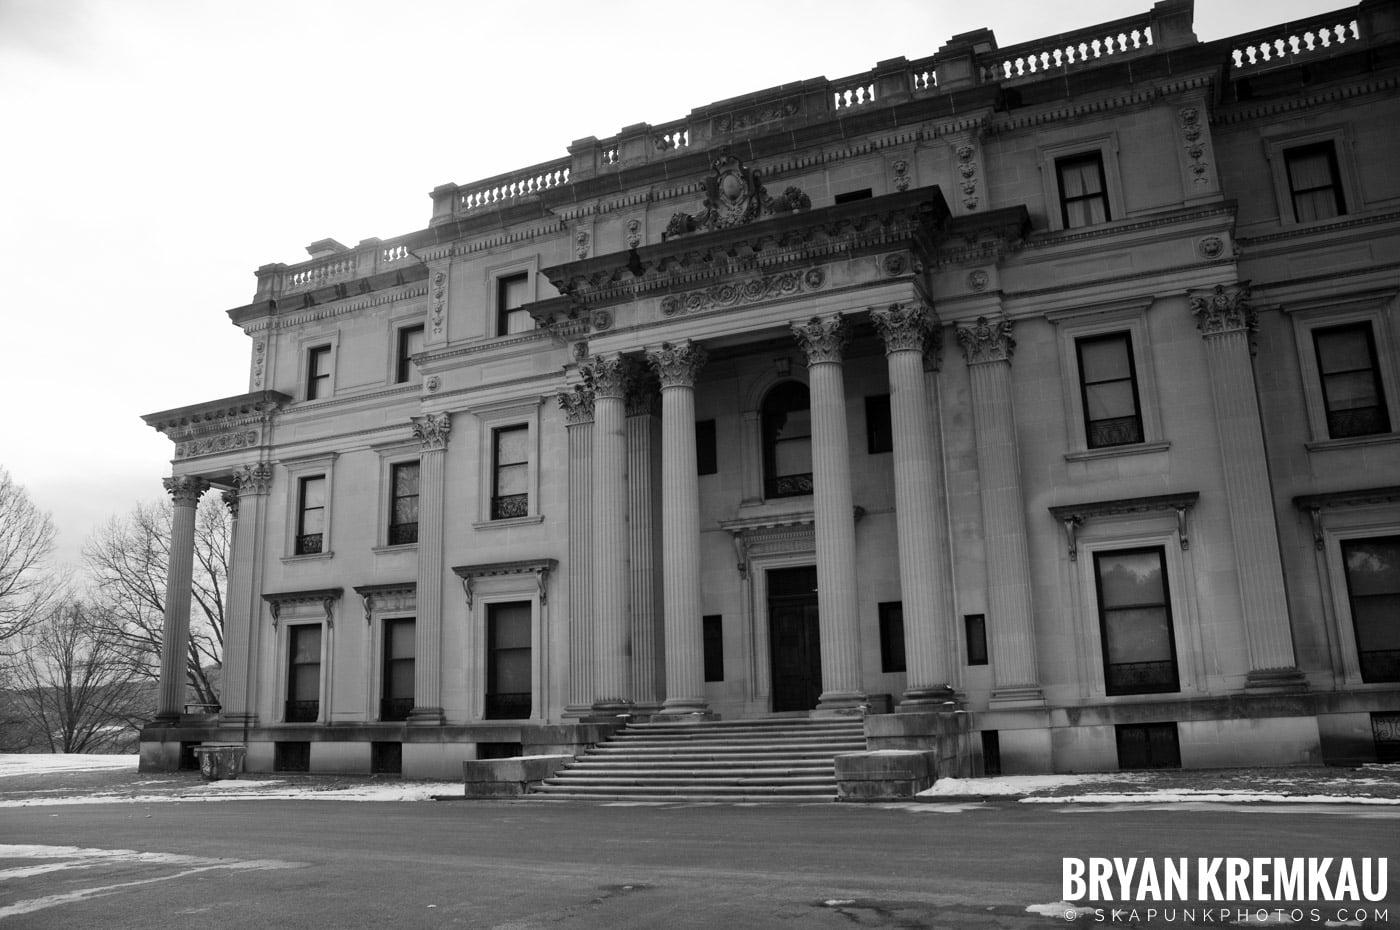 Valentine's Day Trip @ Rhinebeck, FDR's Home, Vanderbilt, Wilderstein Historic Site, NY - 2.14.10 (33)